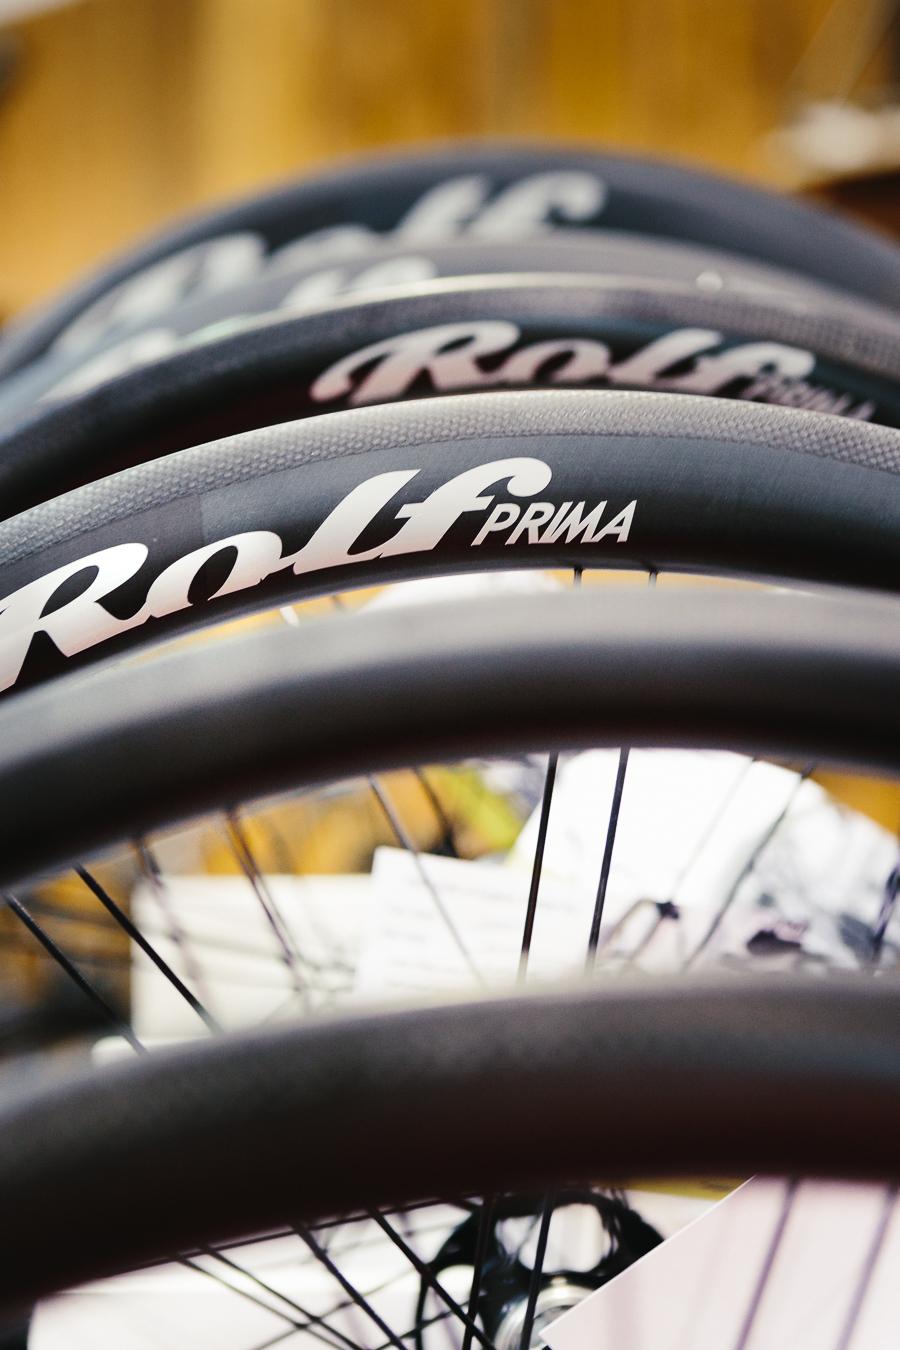 Toronto Bike Show - Rolf Prima